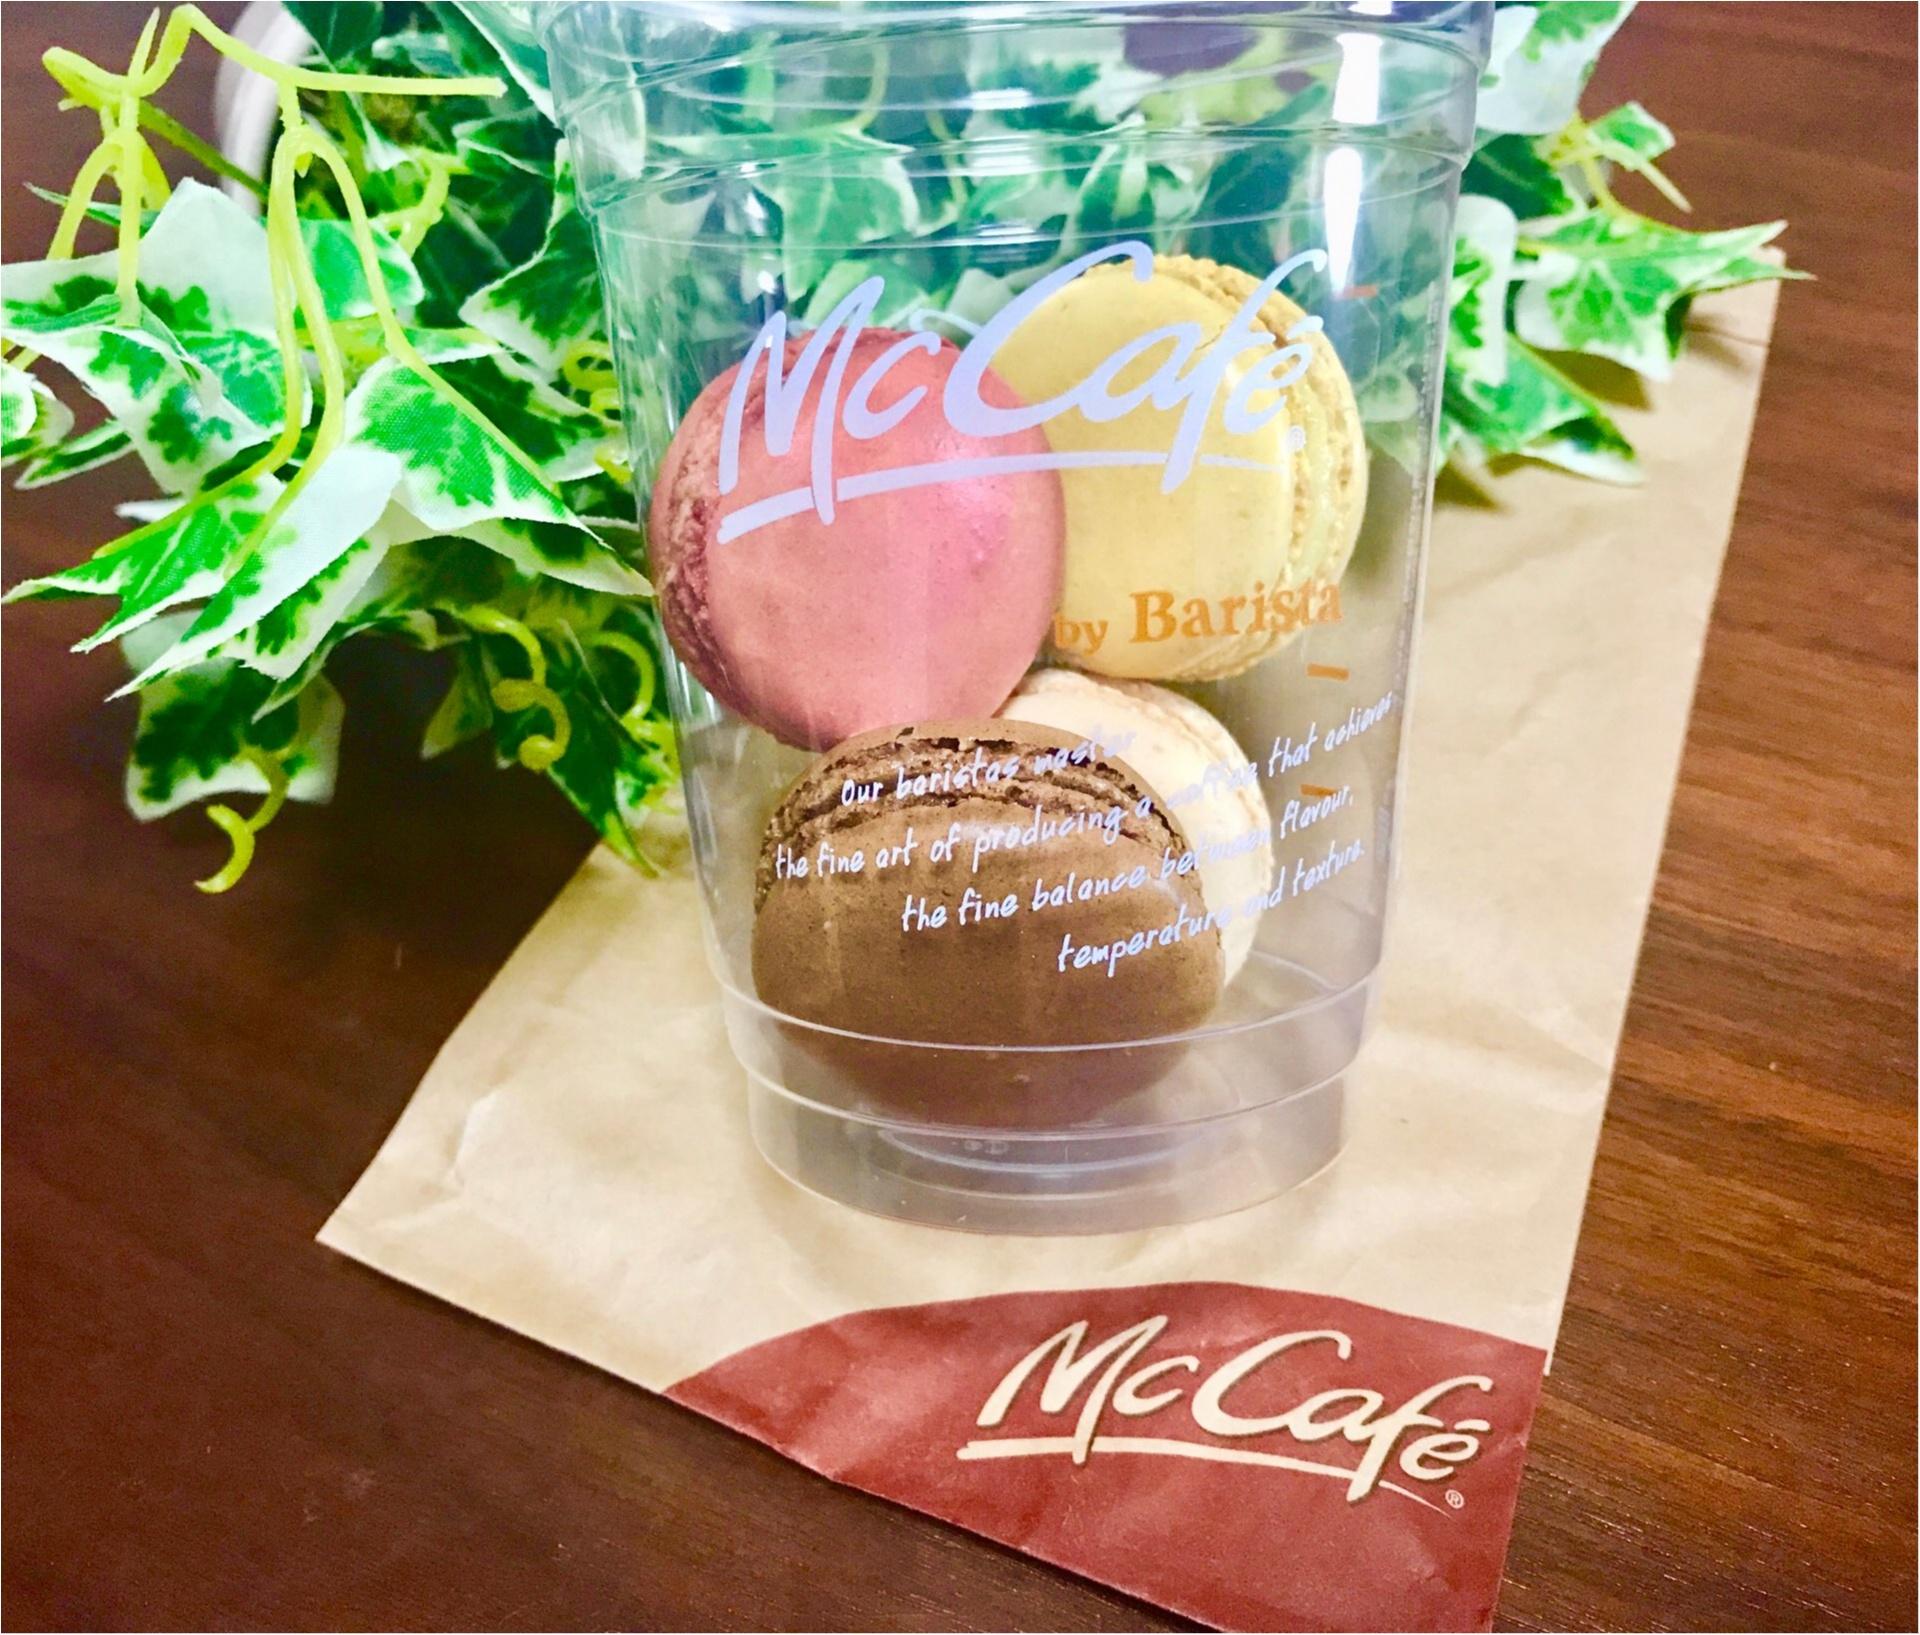 【McCafe by Barista】フランス直輸入!4種類の《マカロン》がレギュラーメニューで再登場❤︎本格マカロンがお手頃価格で食べれちゃいます♡♡_1